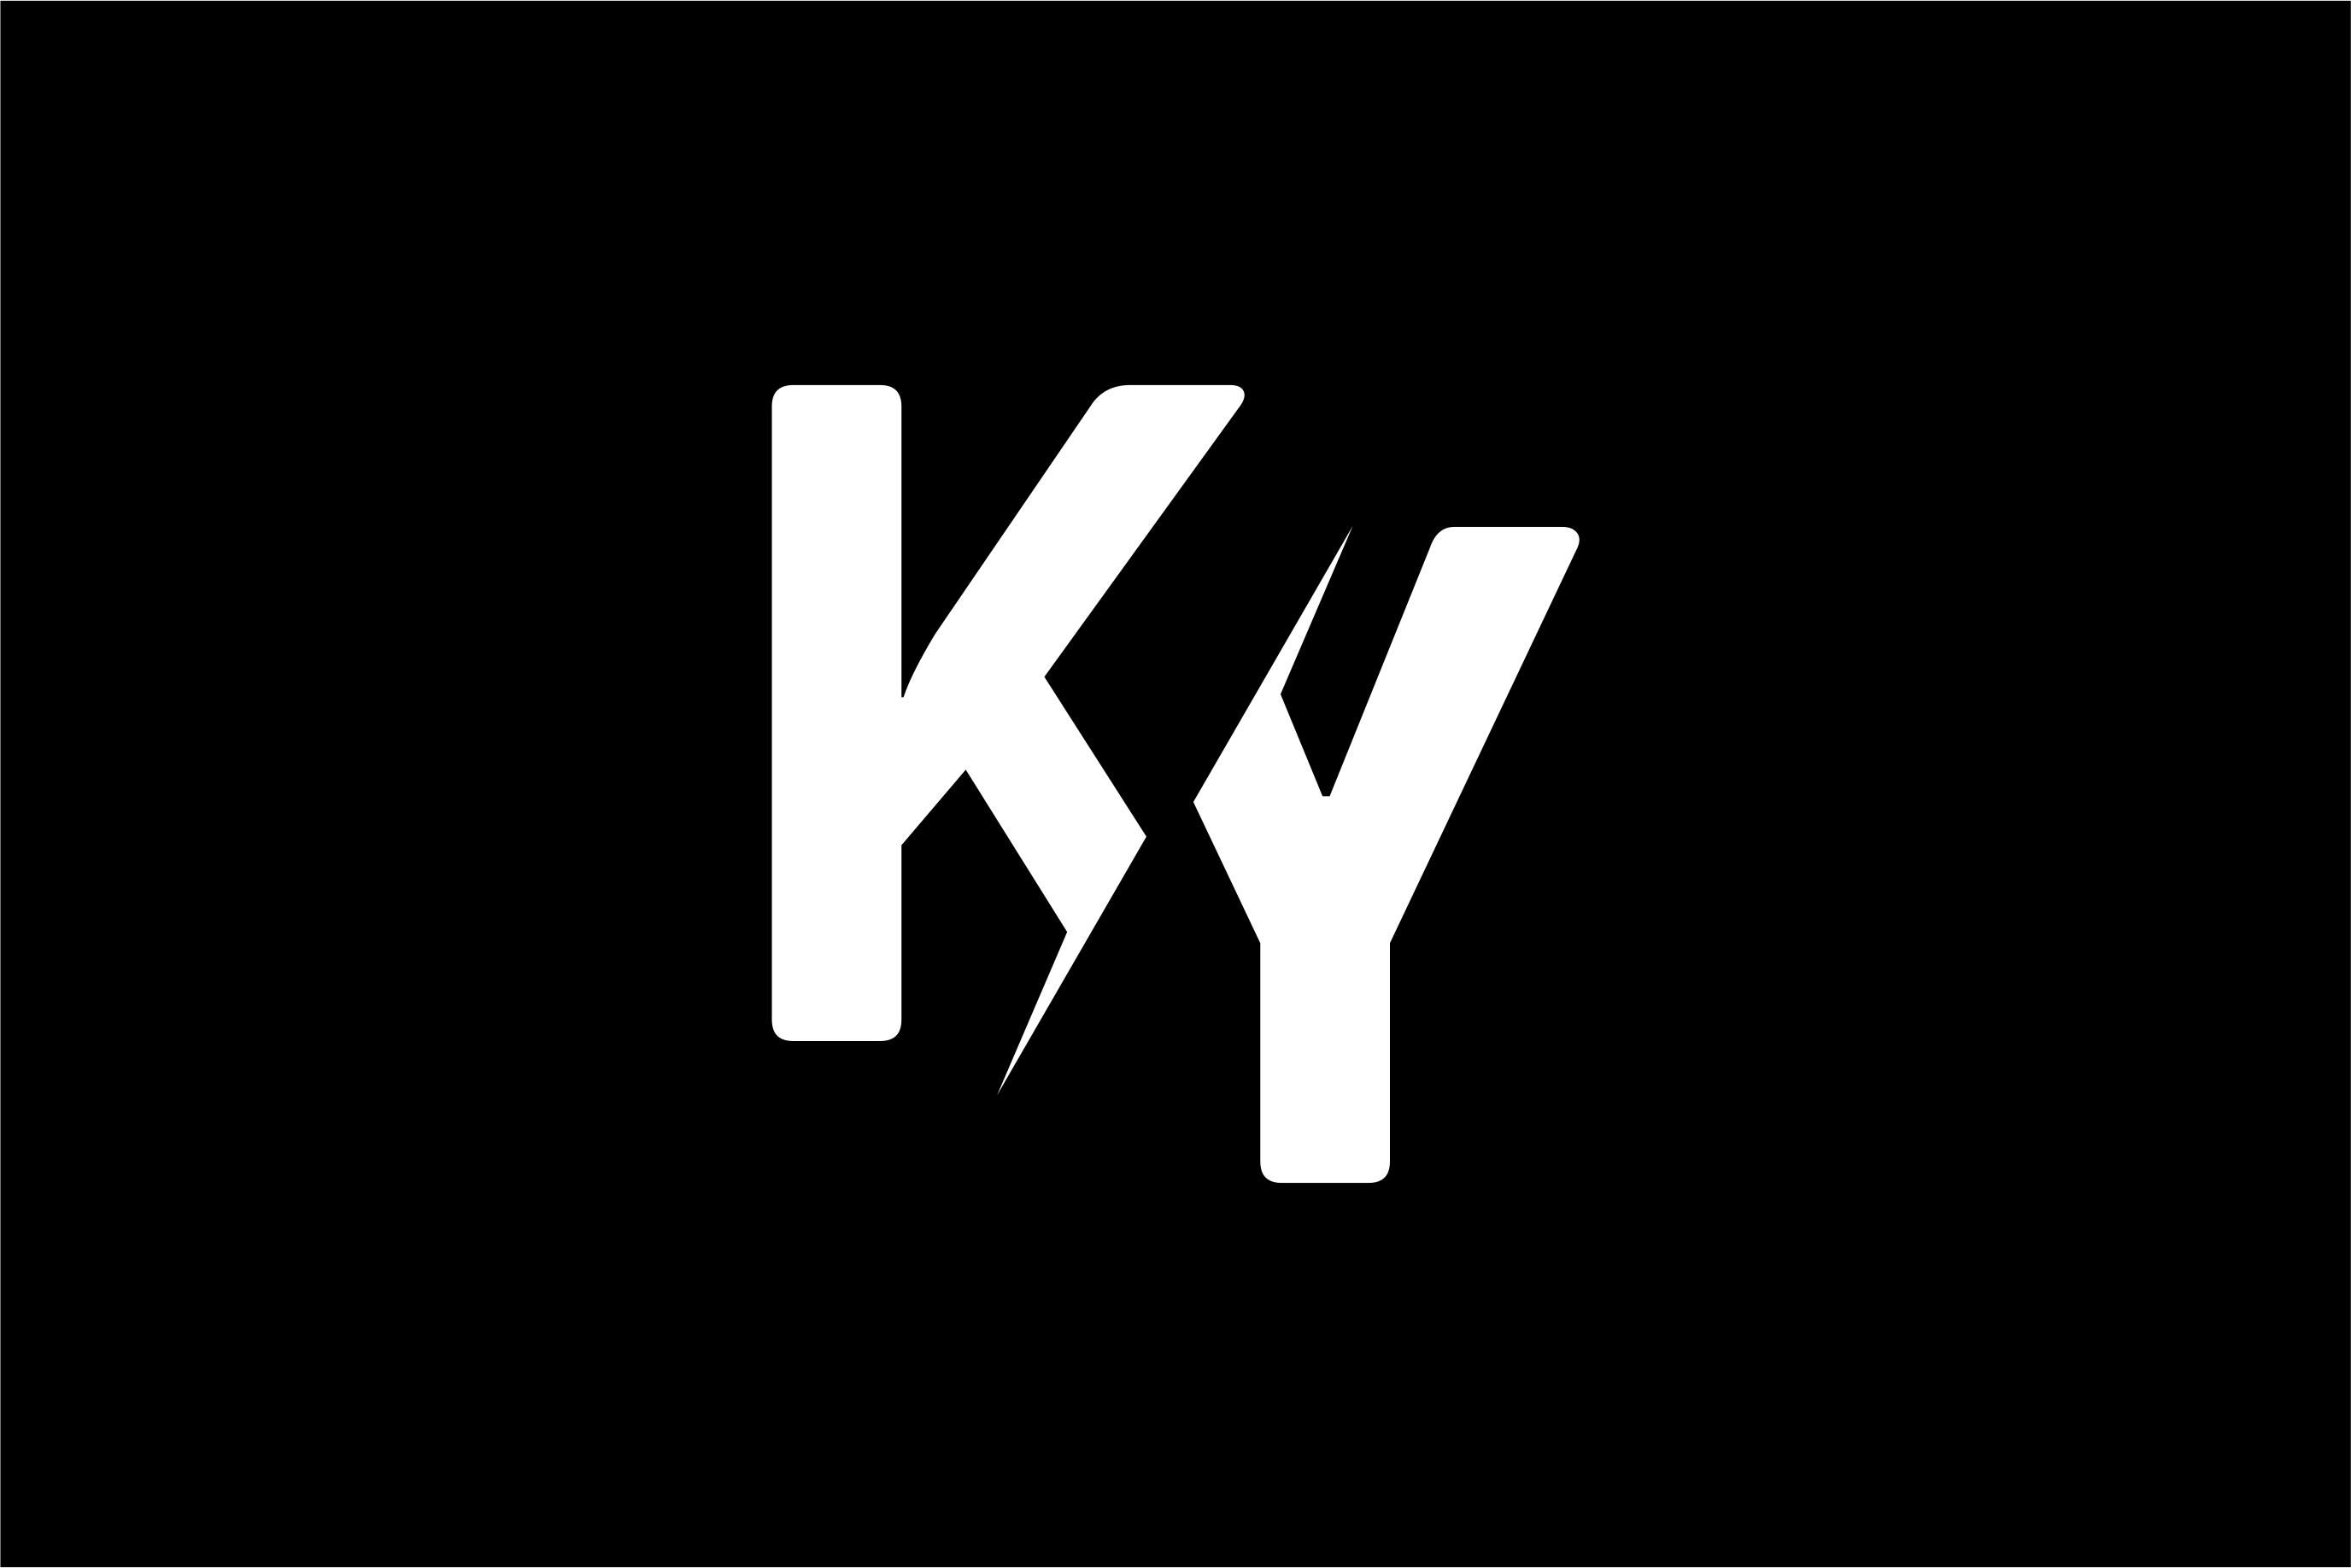 Monogram KY Logo Design.